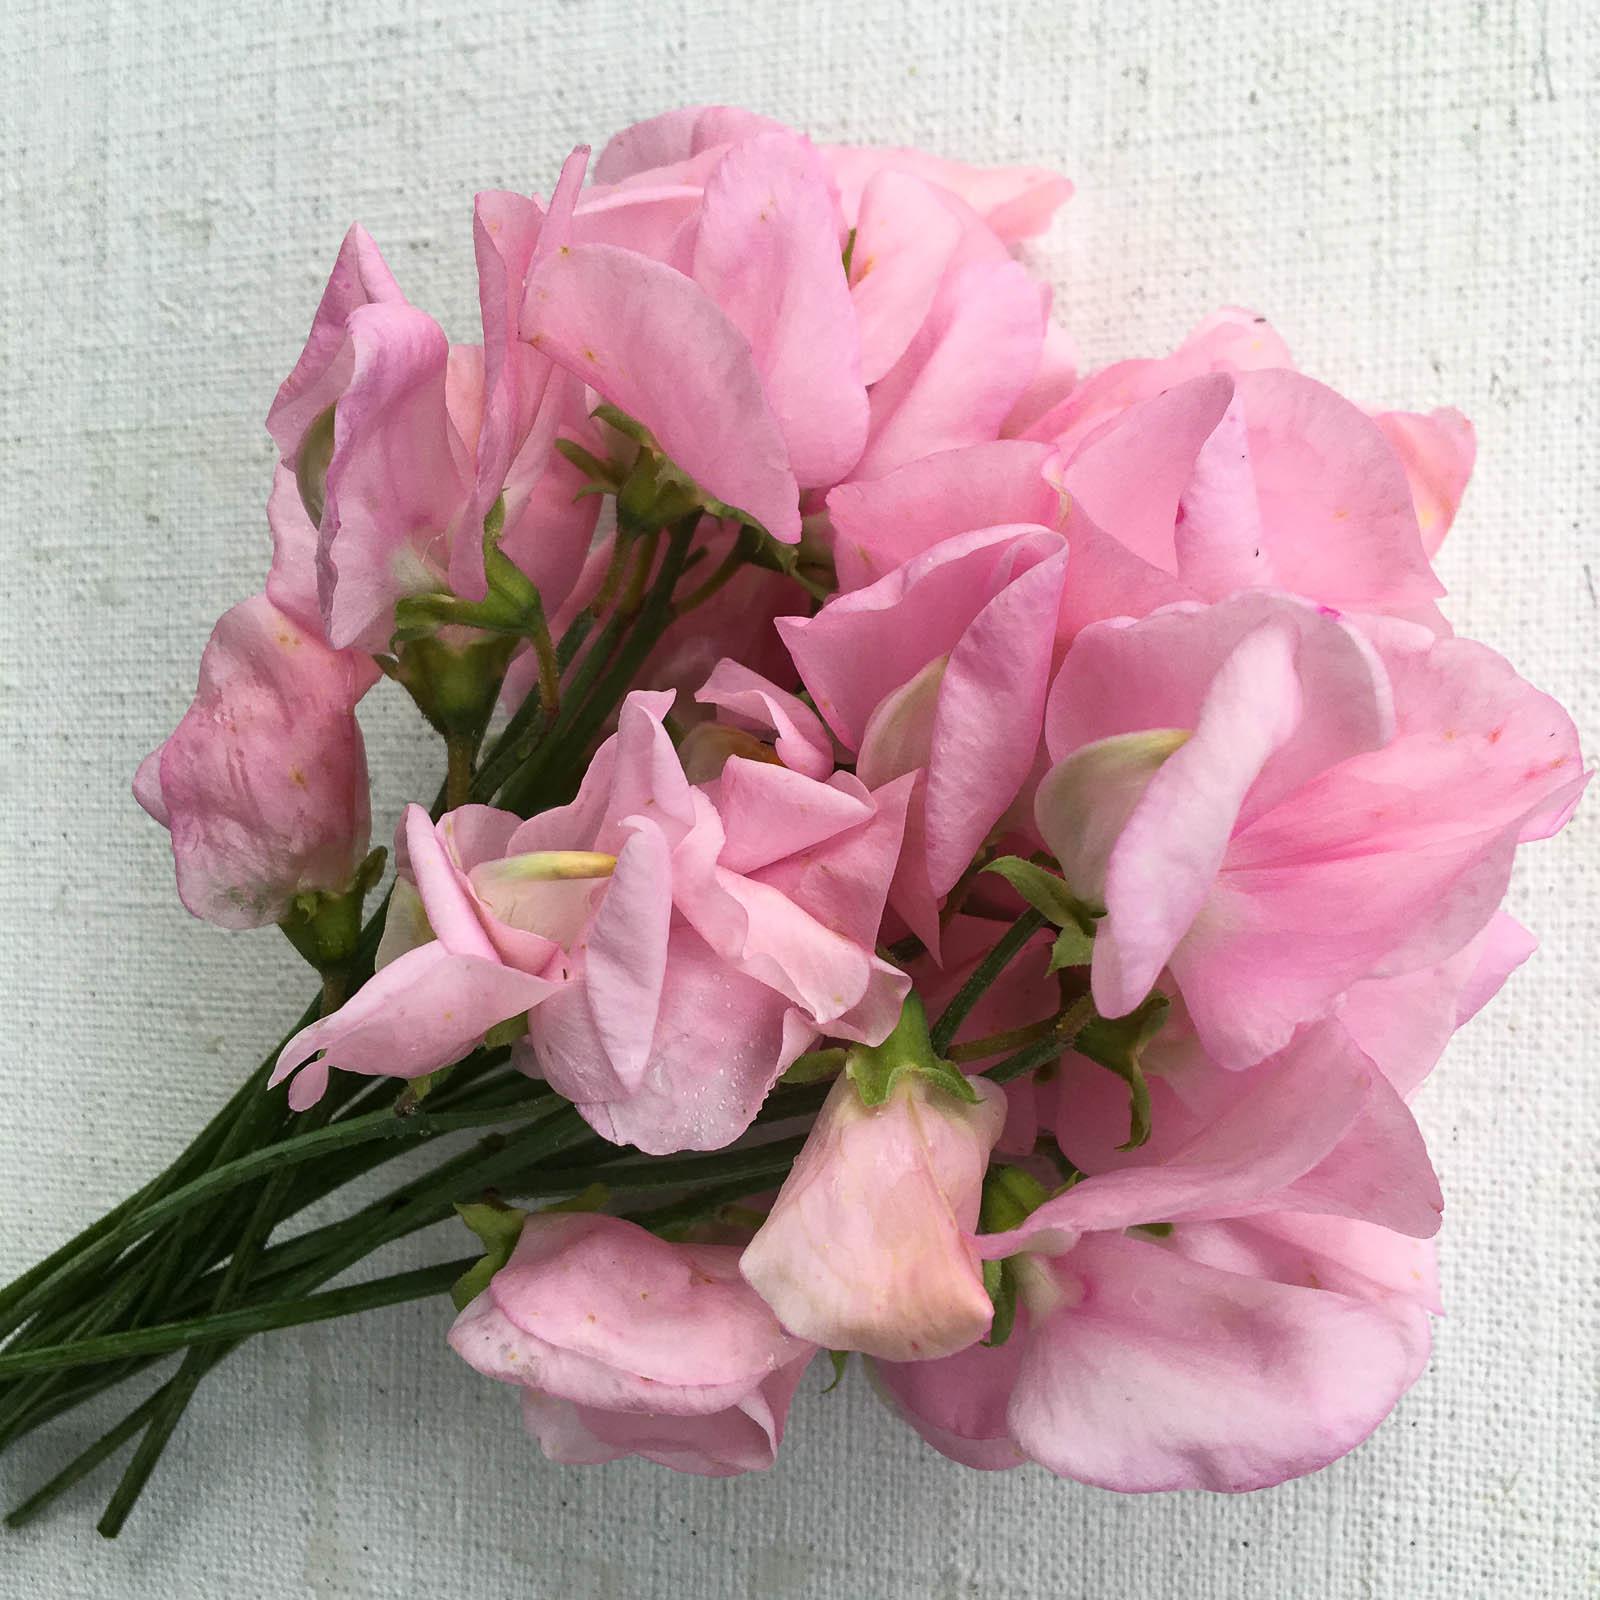 Luktärten 'Wretham Pink' är en av de allra sötaste gamla sorterna. Dessvärre finns det ingen produktion av den här sorten.